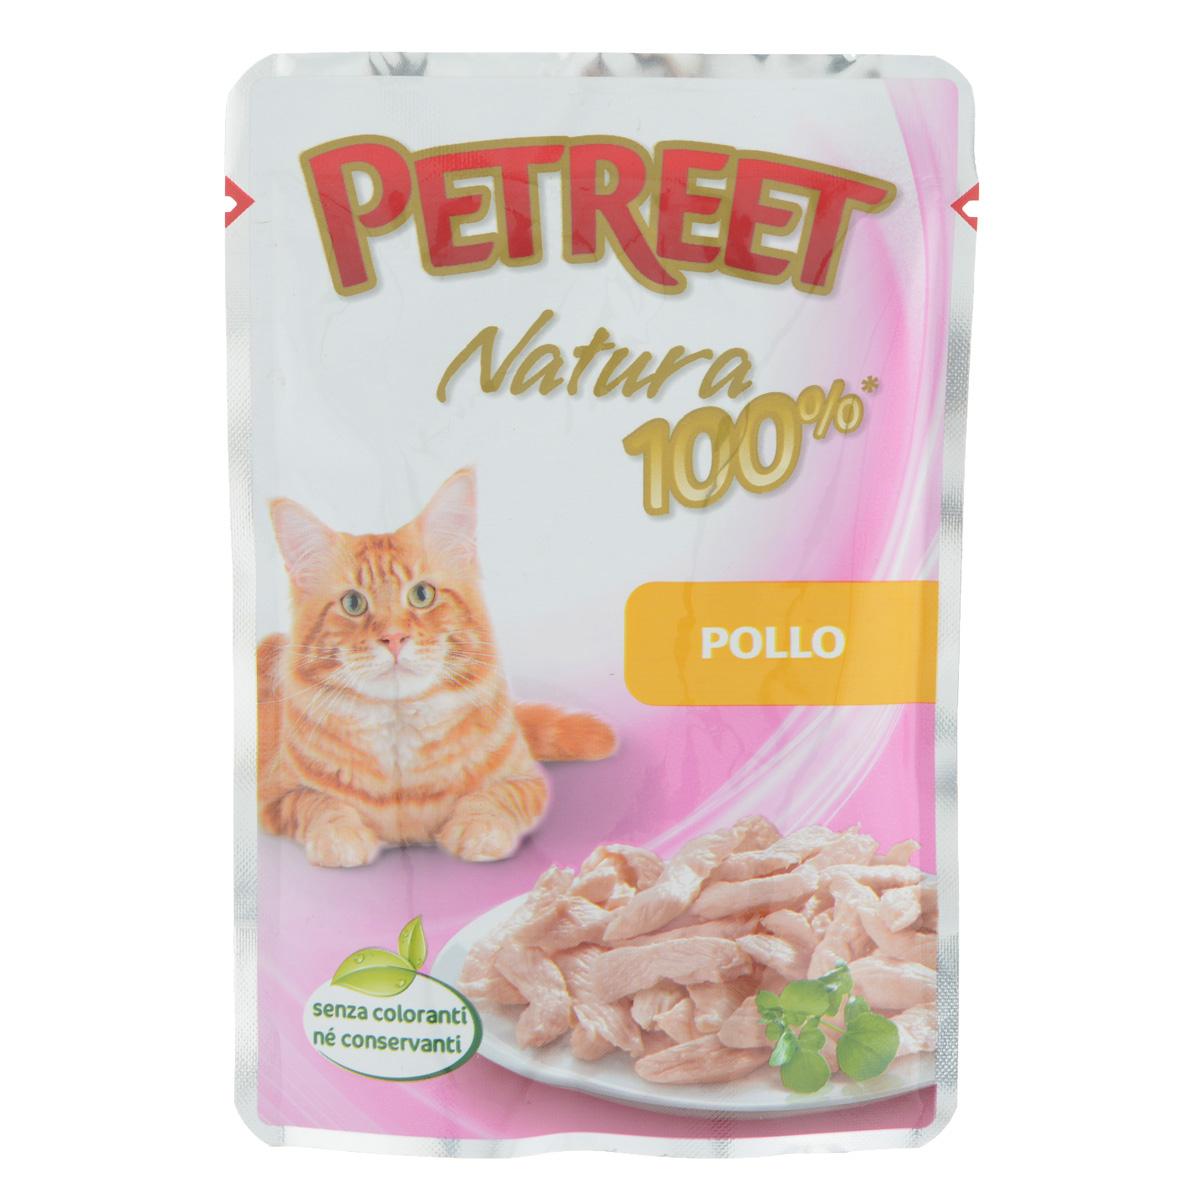 Консервы для кошек Petreet, с курицей, 85 гА55005Консервы для кошек Petreet - это линейка кормов, в которых содержится белок только животного происхождения. Это помогает защитить вашу кошку от пищевой аллергии, тем самым обеспечивая ее полезное и вкусное питание. Консервы для кошек Petreet специально разработаны без добавления консервантов, красителей и усилителей вкуса. Характеристики: Состав: курица (60%), рисовая мука (1%), модифицированный крахмал. Пищевая ценность: белки - 10%, влажность - 87%, масла - 0,5%, клетчатка - 0,5%, зола - 1 %. Вес: 85 г. Товар сертифицирован.